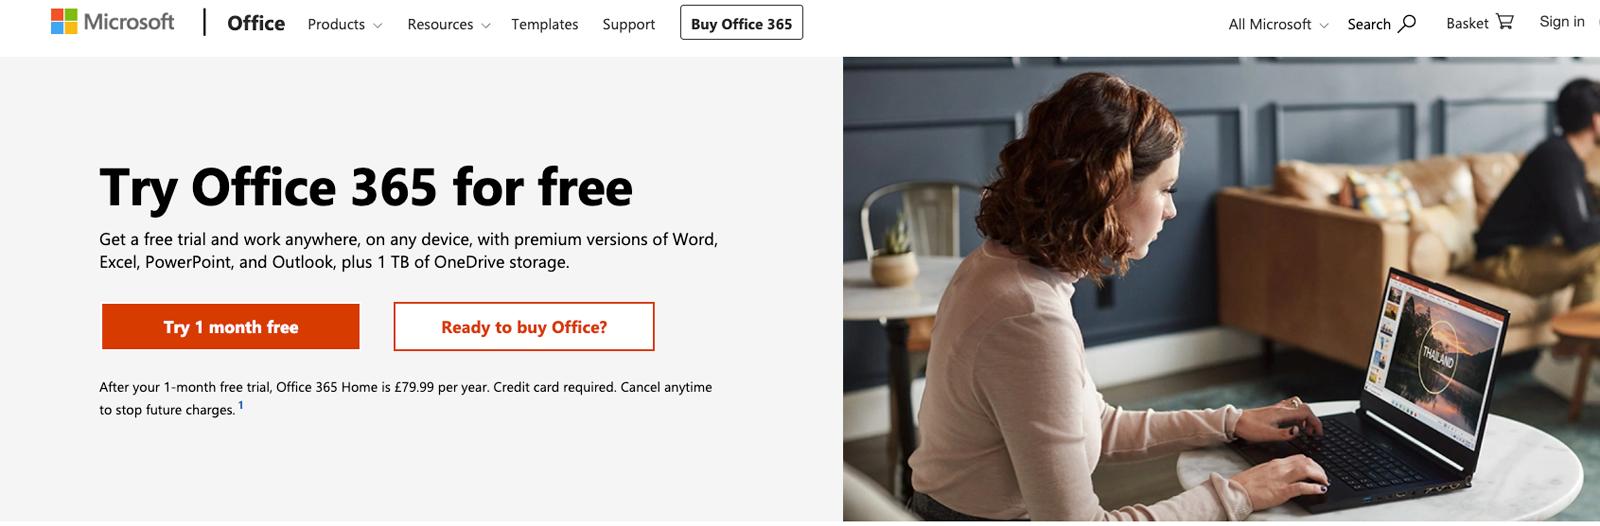 Cómo obtener Microsoft Word gratis en Mac: Office 365